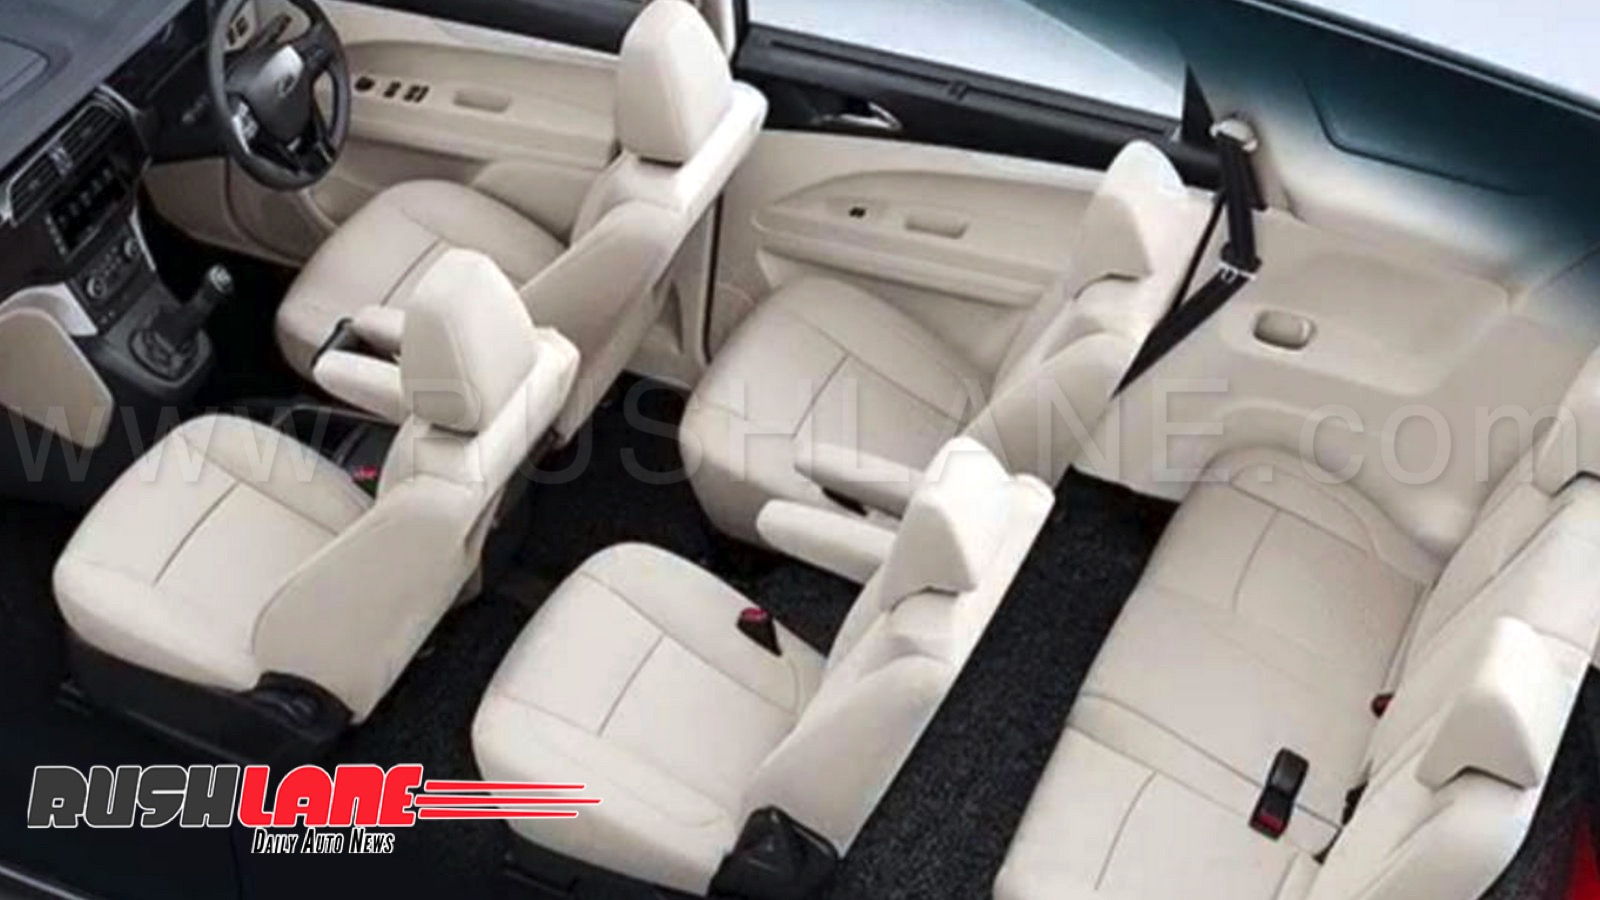 New Mahindra Marazzo MPV 3 Row 7 / 8 Seats Arrangement In